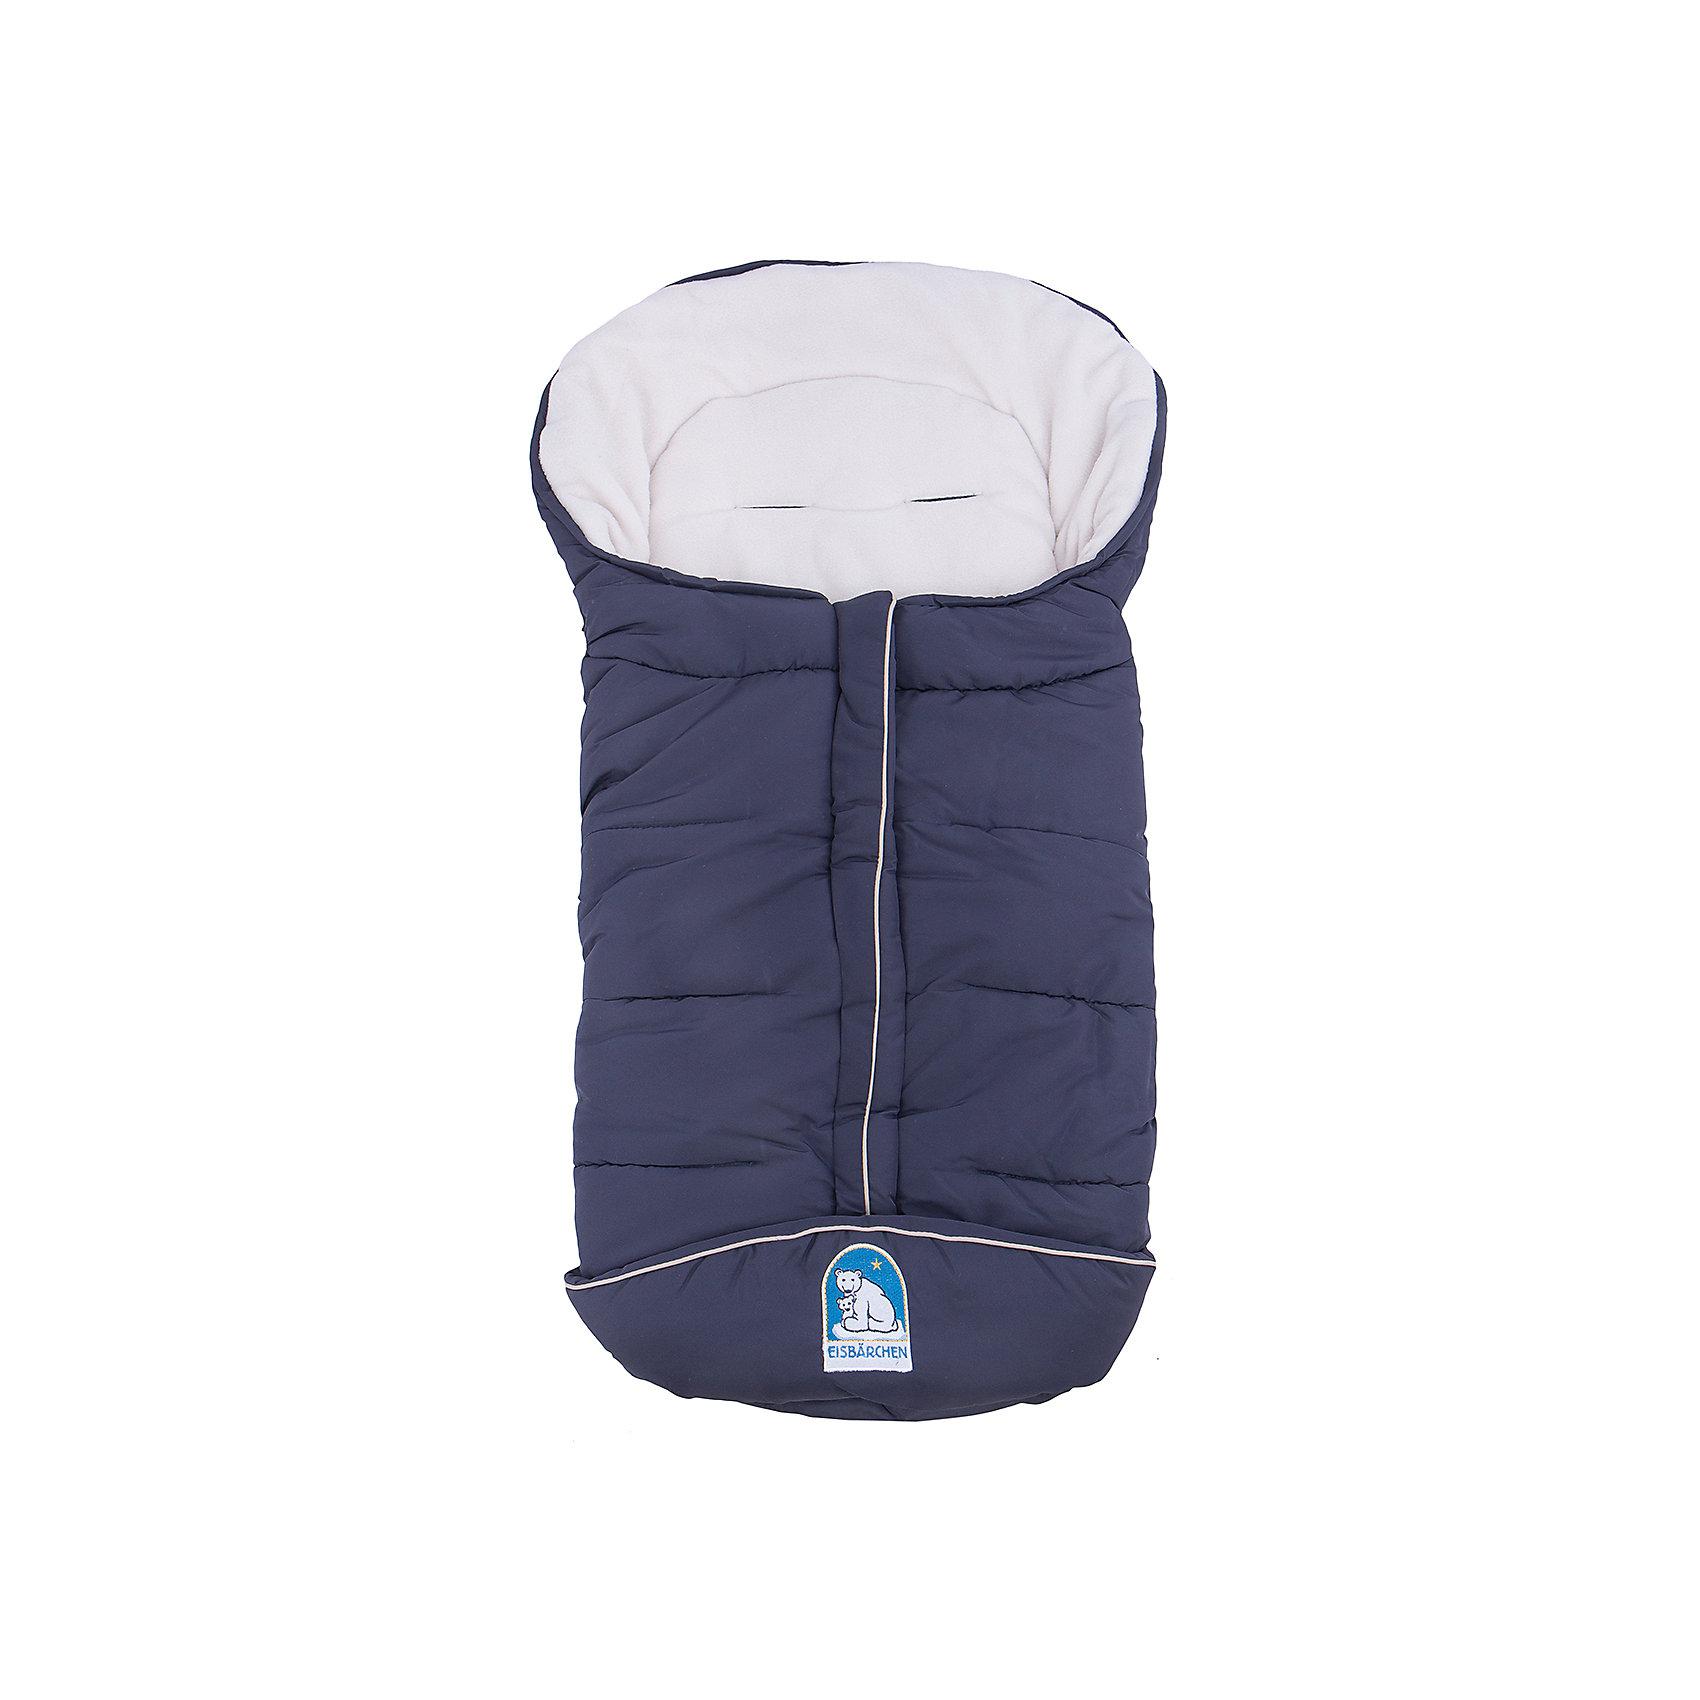 Конверт 7965 МА, Heitmann Felle, синий/песочныйКонверт Heitmann Felle изготовлен из флиса и отлично подойдет для прогулок. Теплый конверт надежно защитит малыша от холода и ветра. Конверт застегивает на молнию по центру и удобно раскладывается в одеяльце. Оснащен прорезями для пятиточечных ремней безопасности и полосой-отражателем. С этим конвертом ваша кроха будет гулять с комфортом и в безопасности!<br><br>Дополнительная информация:<br>-магнитная кнопка<br>-можно использовать как одеяльце<br>-прорези для 5-точечных ремней безопасности<br>-простегано<br>-можно стирать при температуре 30 градусов<br><br>Материал: 100% полиэстер. Подкладка: 80% полиэстер, 20% вискоза<br>Размер: 80х40 см<br>Вес: 600 грамм<br>Цвет: синий<br>Конверт Heitmann Felle можно купить в нашем интернет-магазине.<br><br>Ширина мм: 900<br>Глубина мм: 450<br>Высота мм: 50<br>Вес г: 2000<br>Возраст от месяцев: 0<br>Возраст до месяцев: 12<br>Пол: Унисекс<br>Возраст: Детский<br>SKU: 4977803